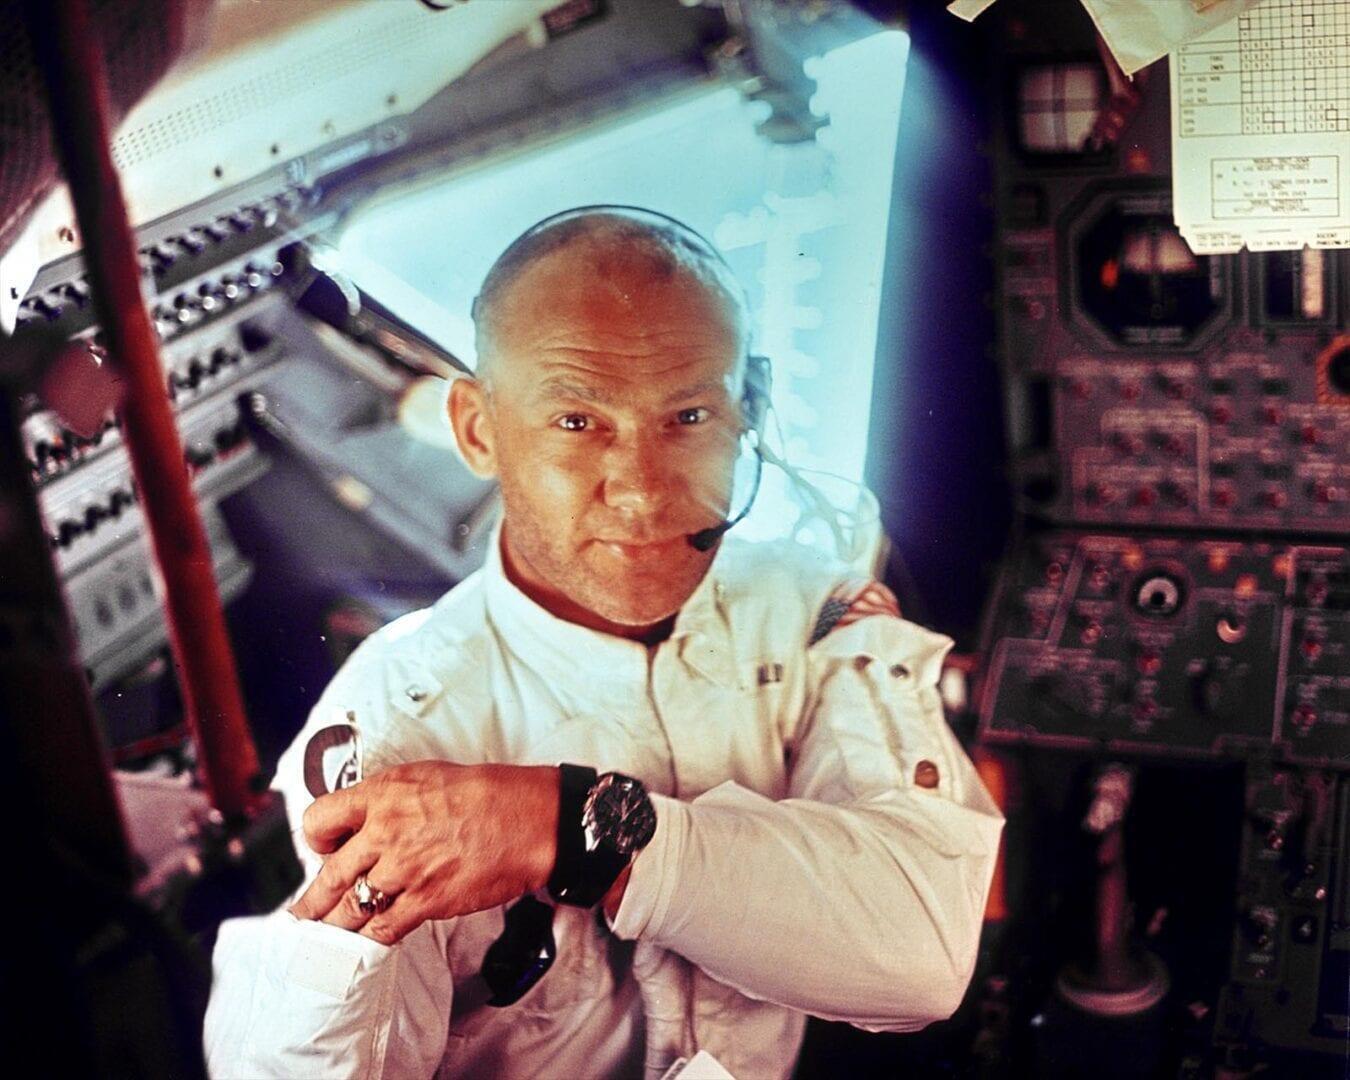 Buzz Aldrin 20. heinäkuuta Apollo 11 -lennon kuumoduulissa. Kuvan otti Neil Armstrong. Kuva: NASA